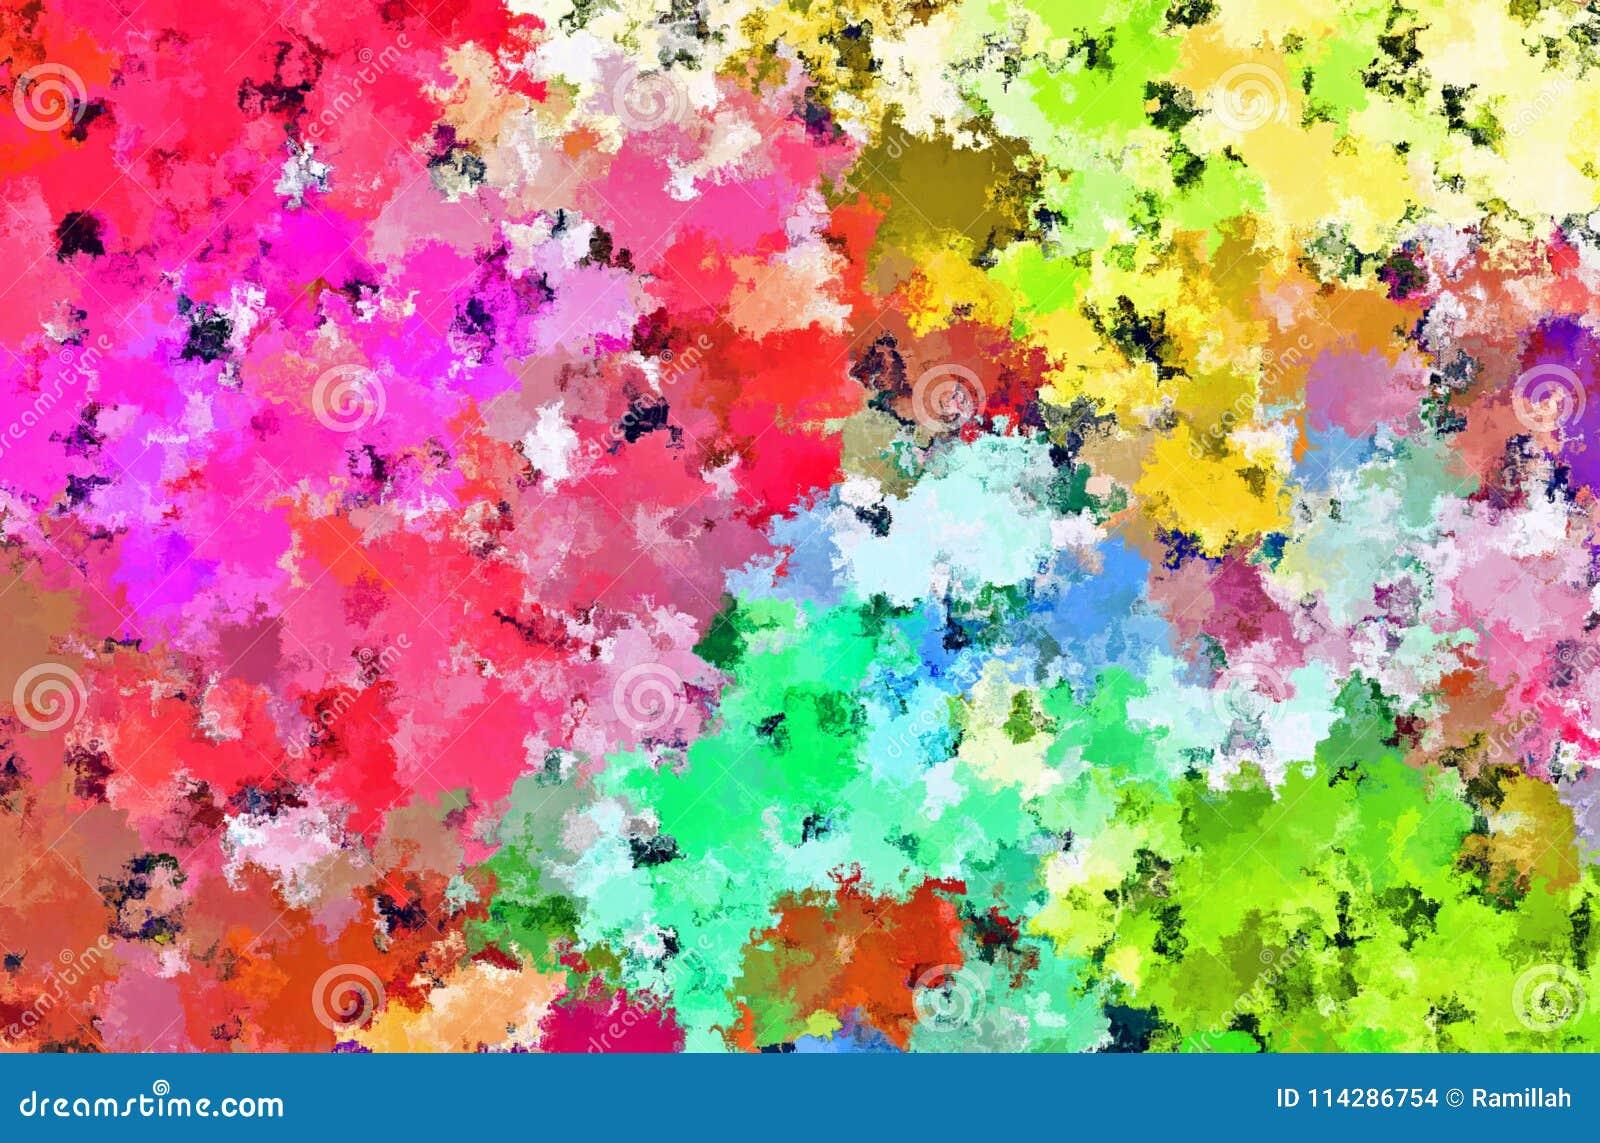 Digital-Malerei-schöner abstrakter bunter Blumen-Feld-Hintergrund